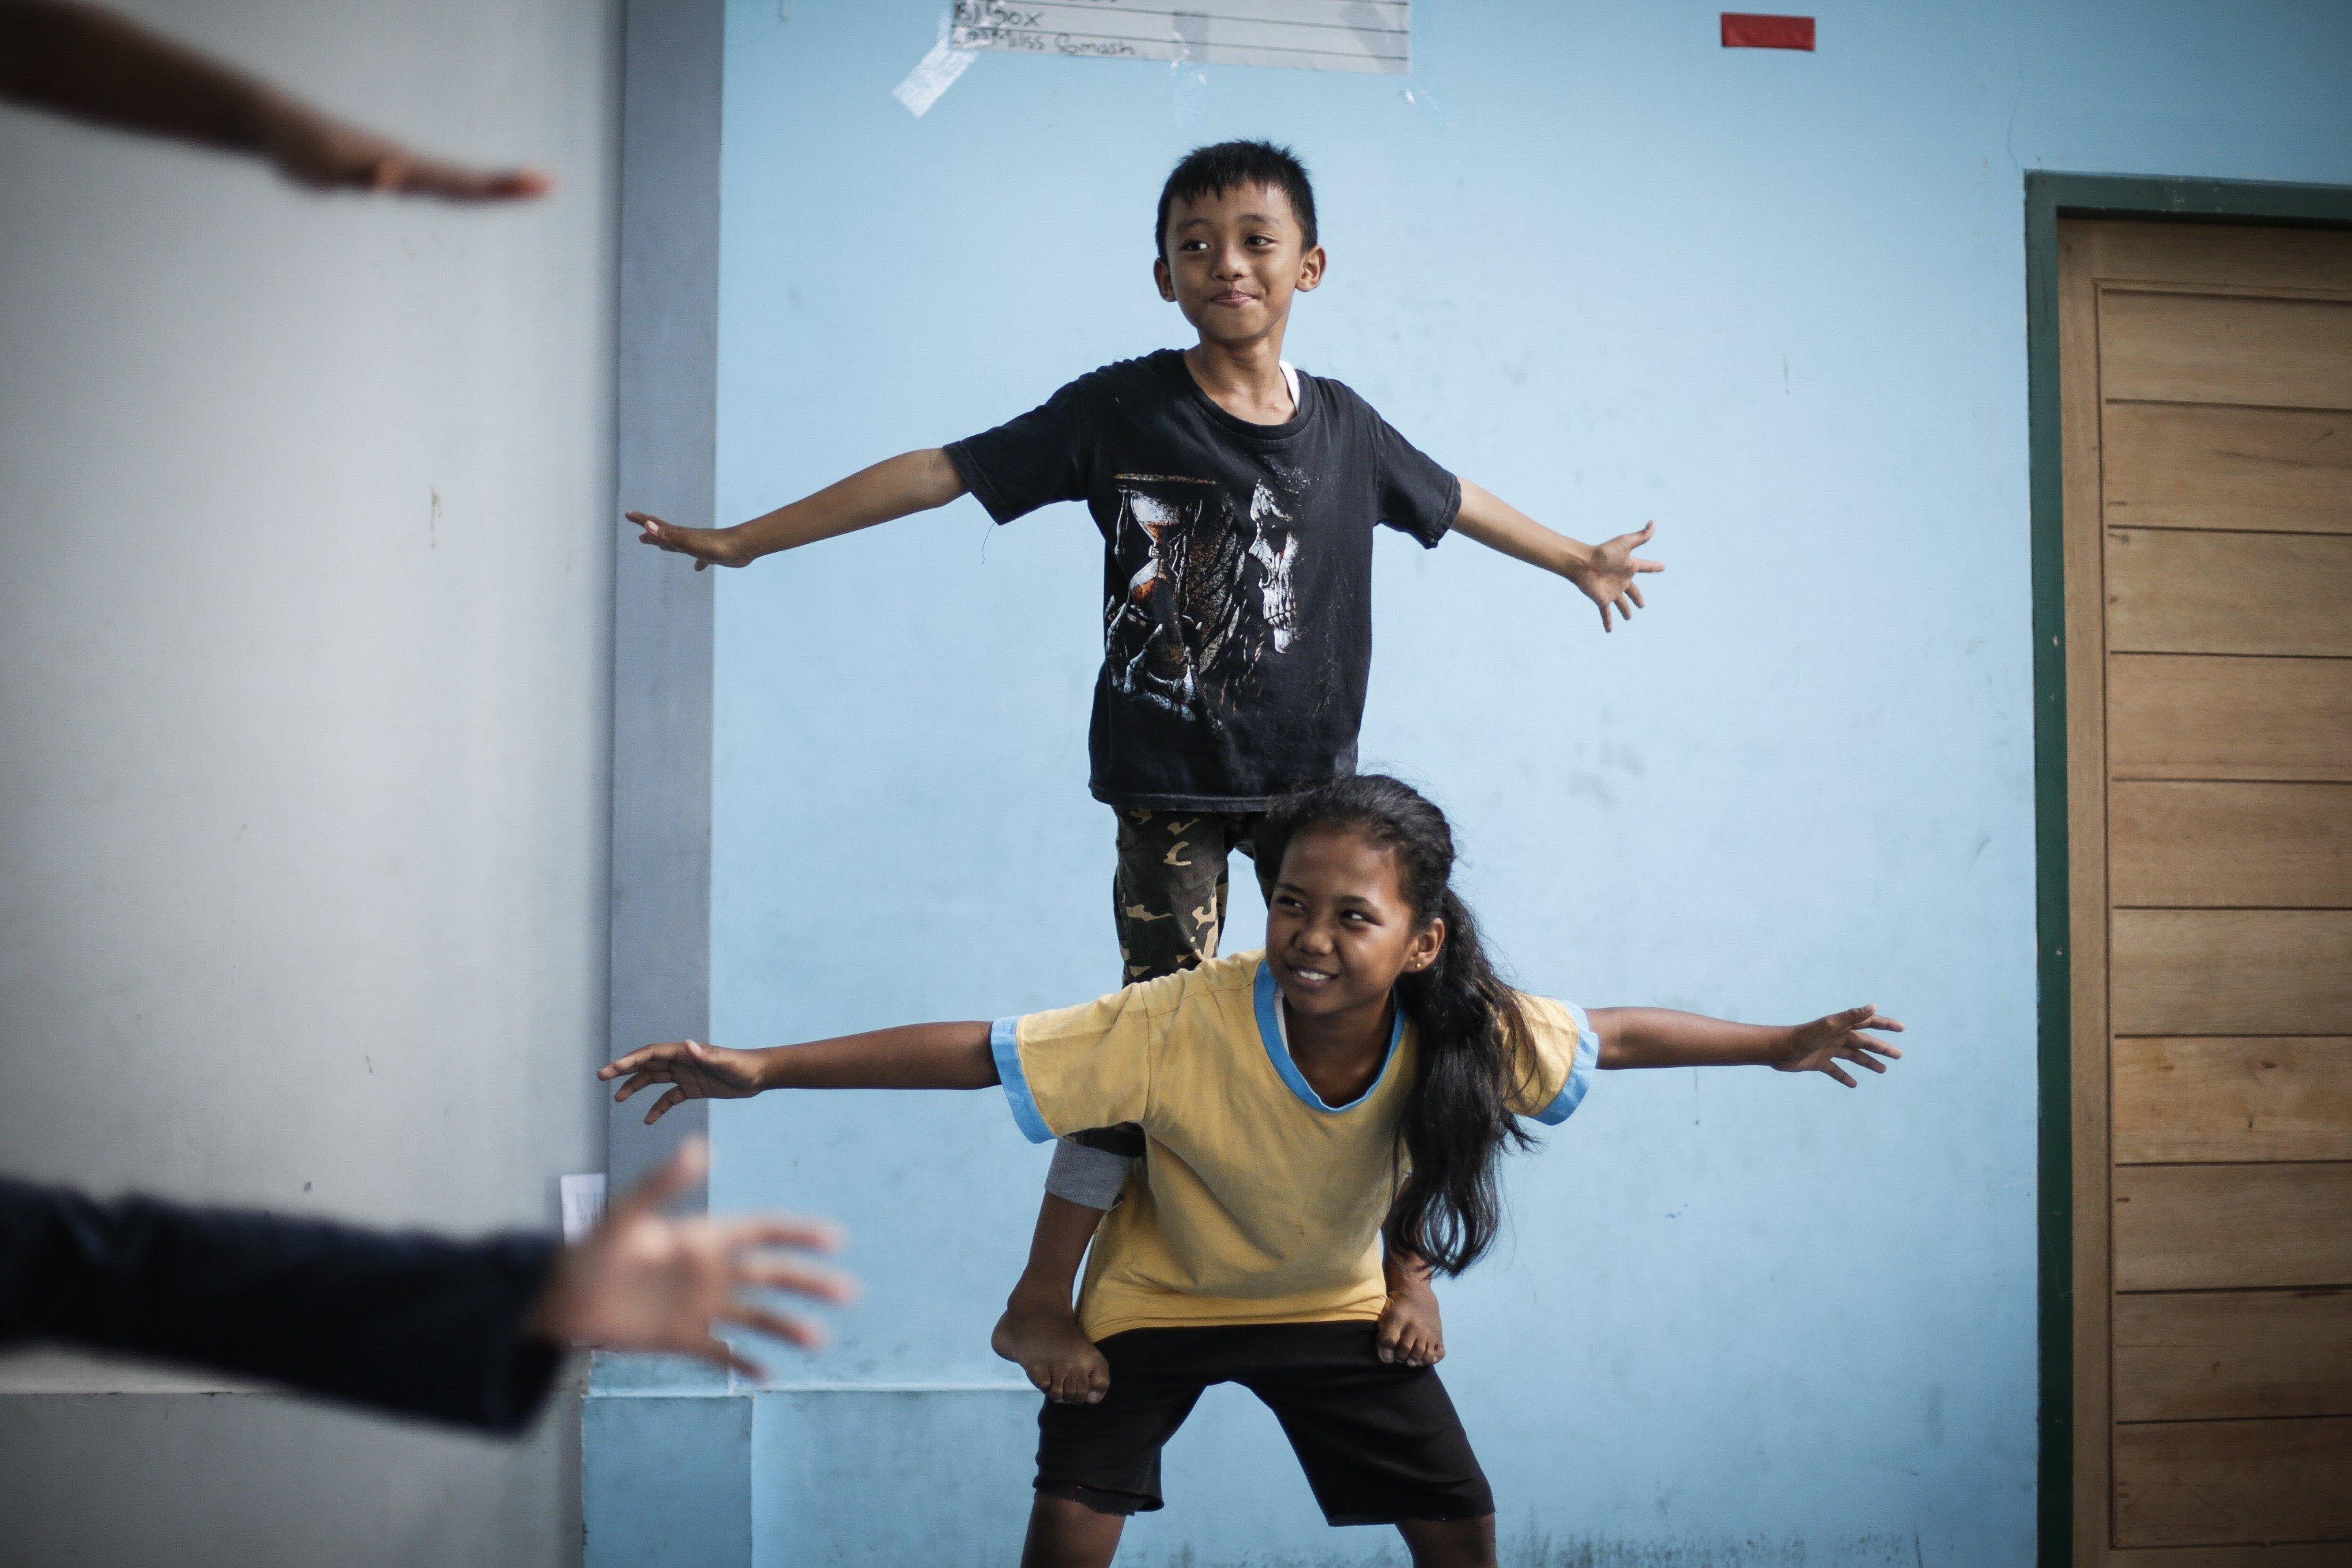 Classes de circ impartides per la fundació Nariz Roja a Jakarta. /MAST IRHAM